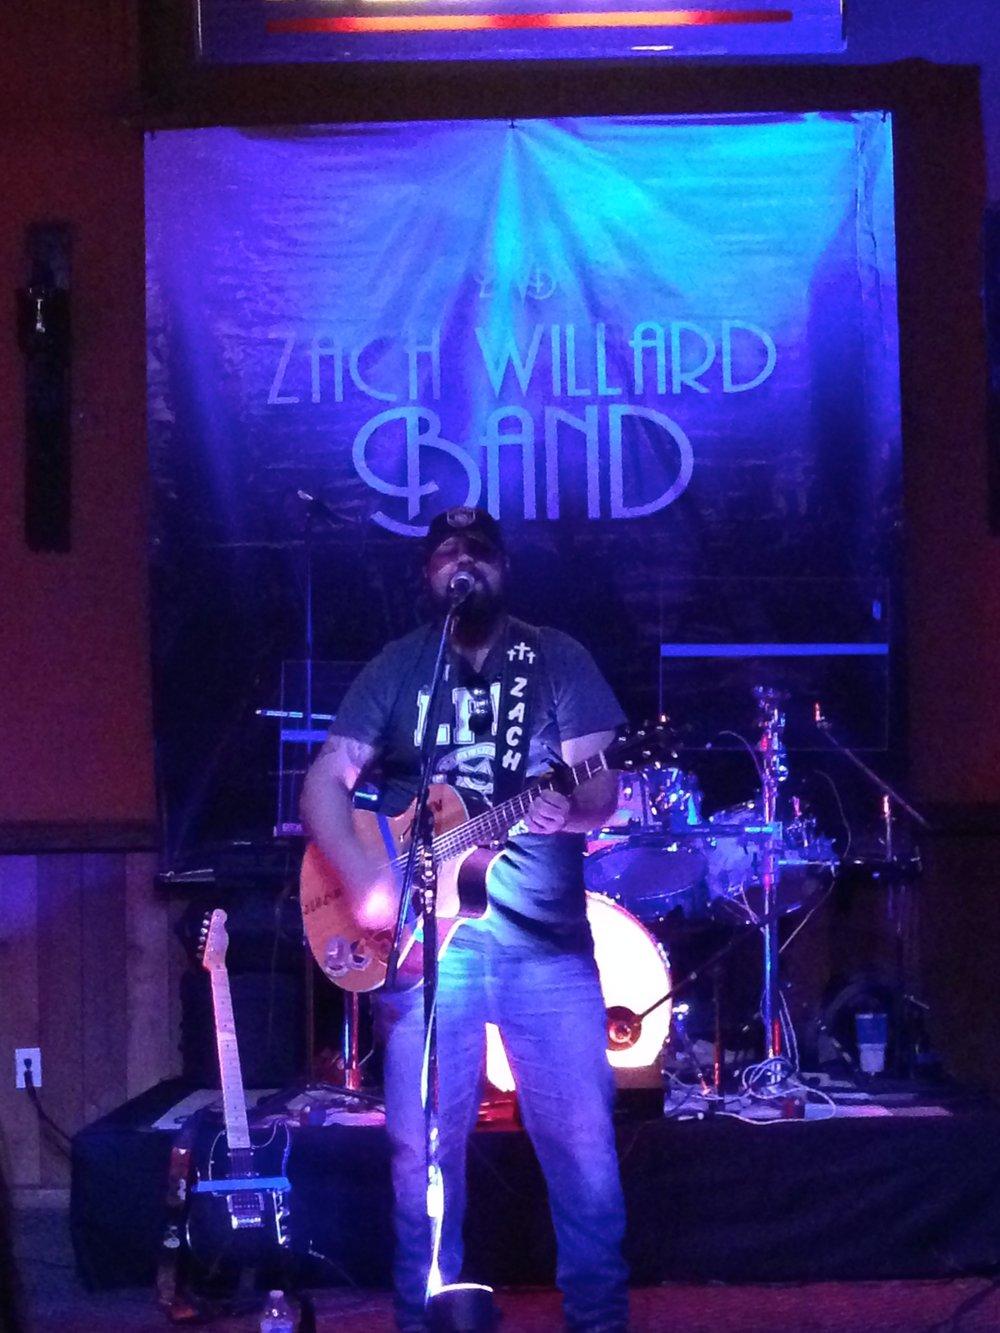 Zach Willard Band  always puts on a killer show.